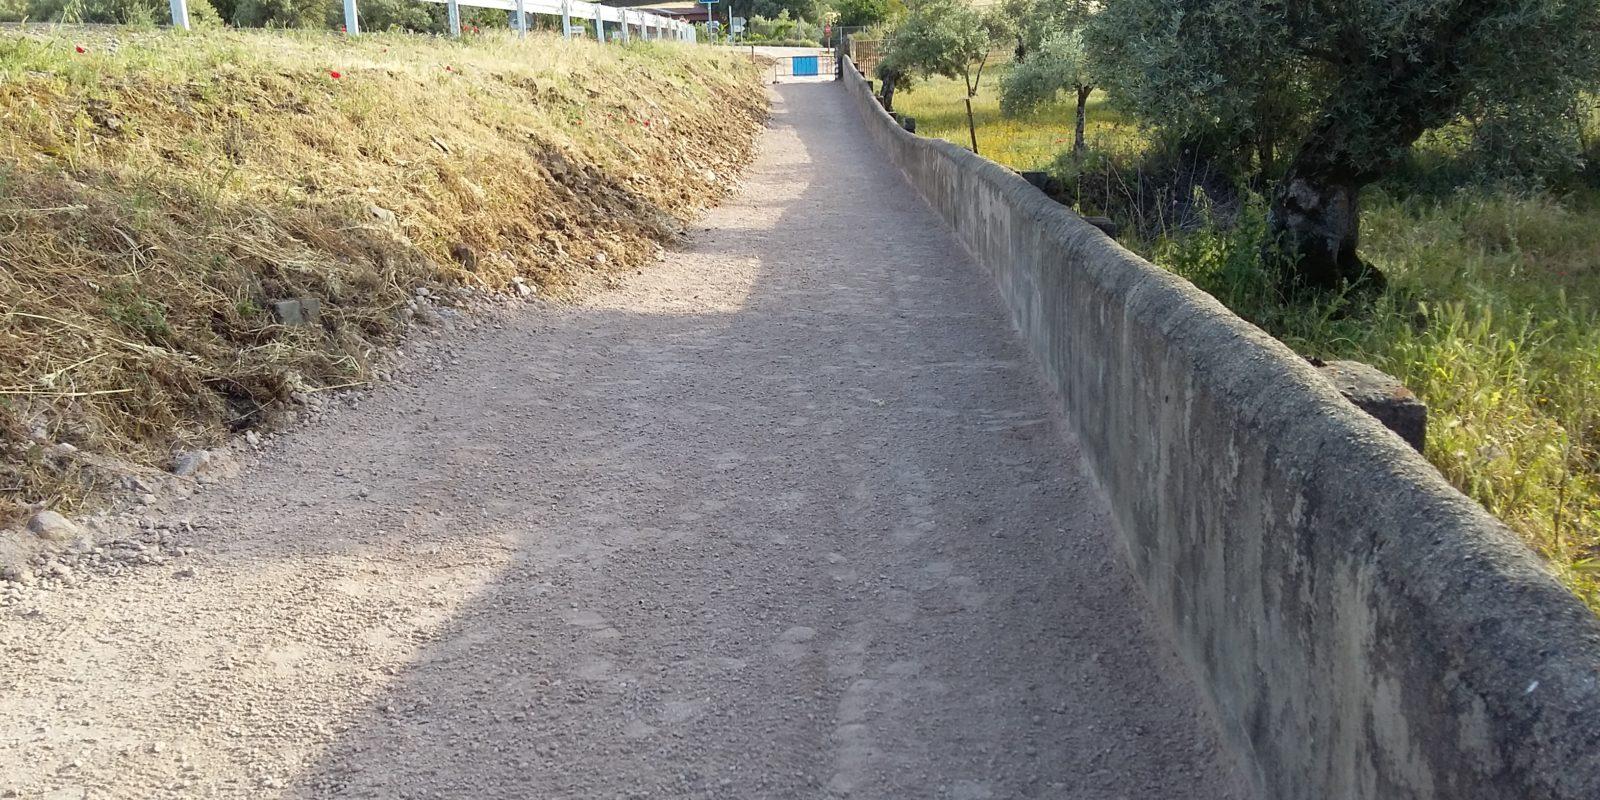 Camino Merendero La Herrumbre. Serrejon